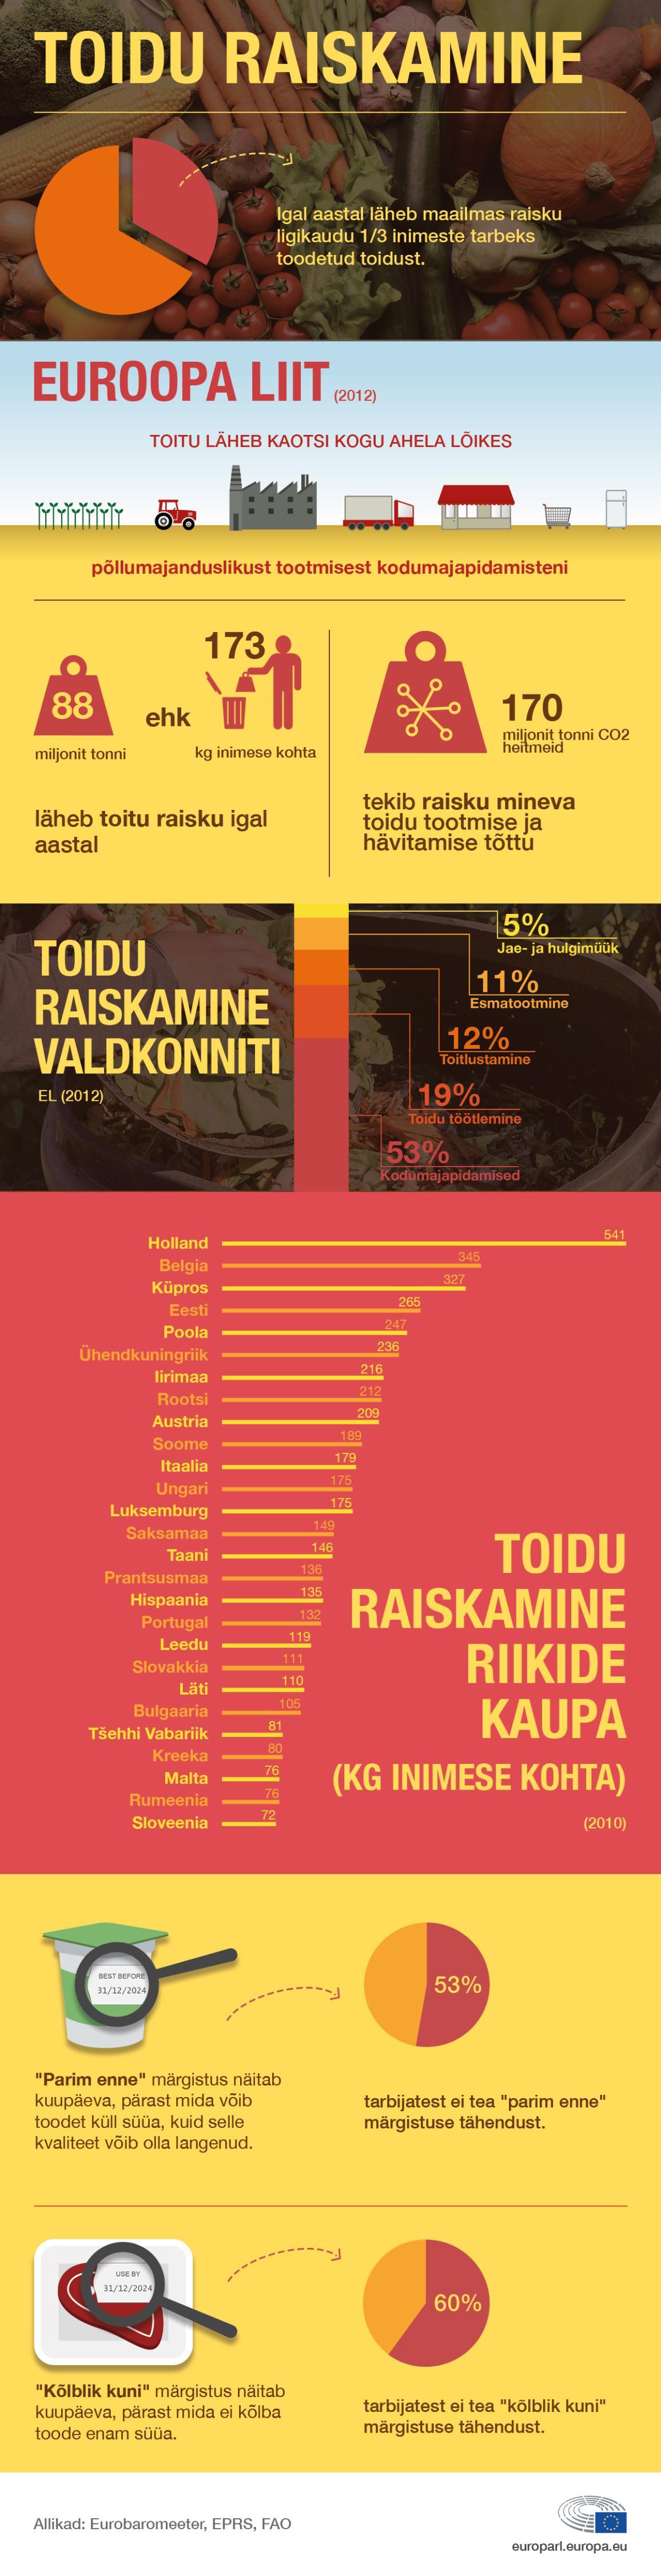 Infograafik: toidu raiskamine liikmesriikide võrdluses